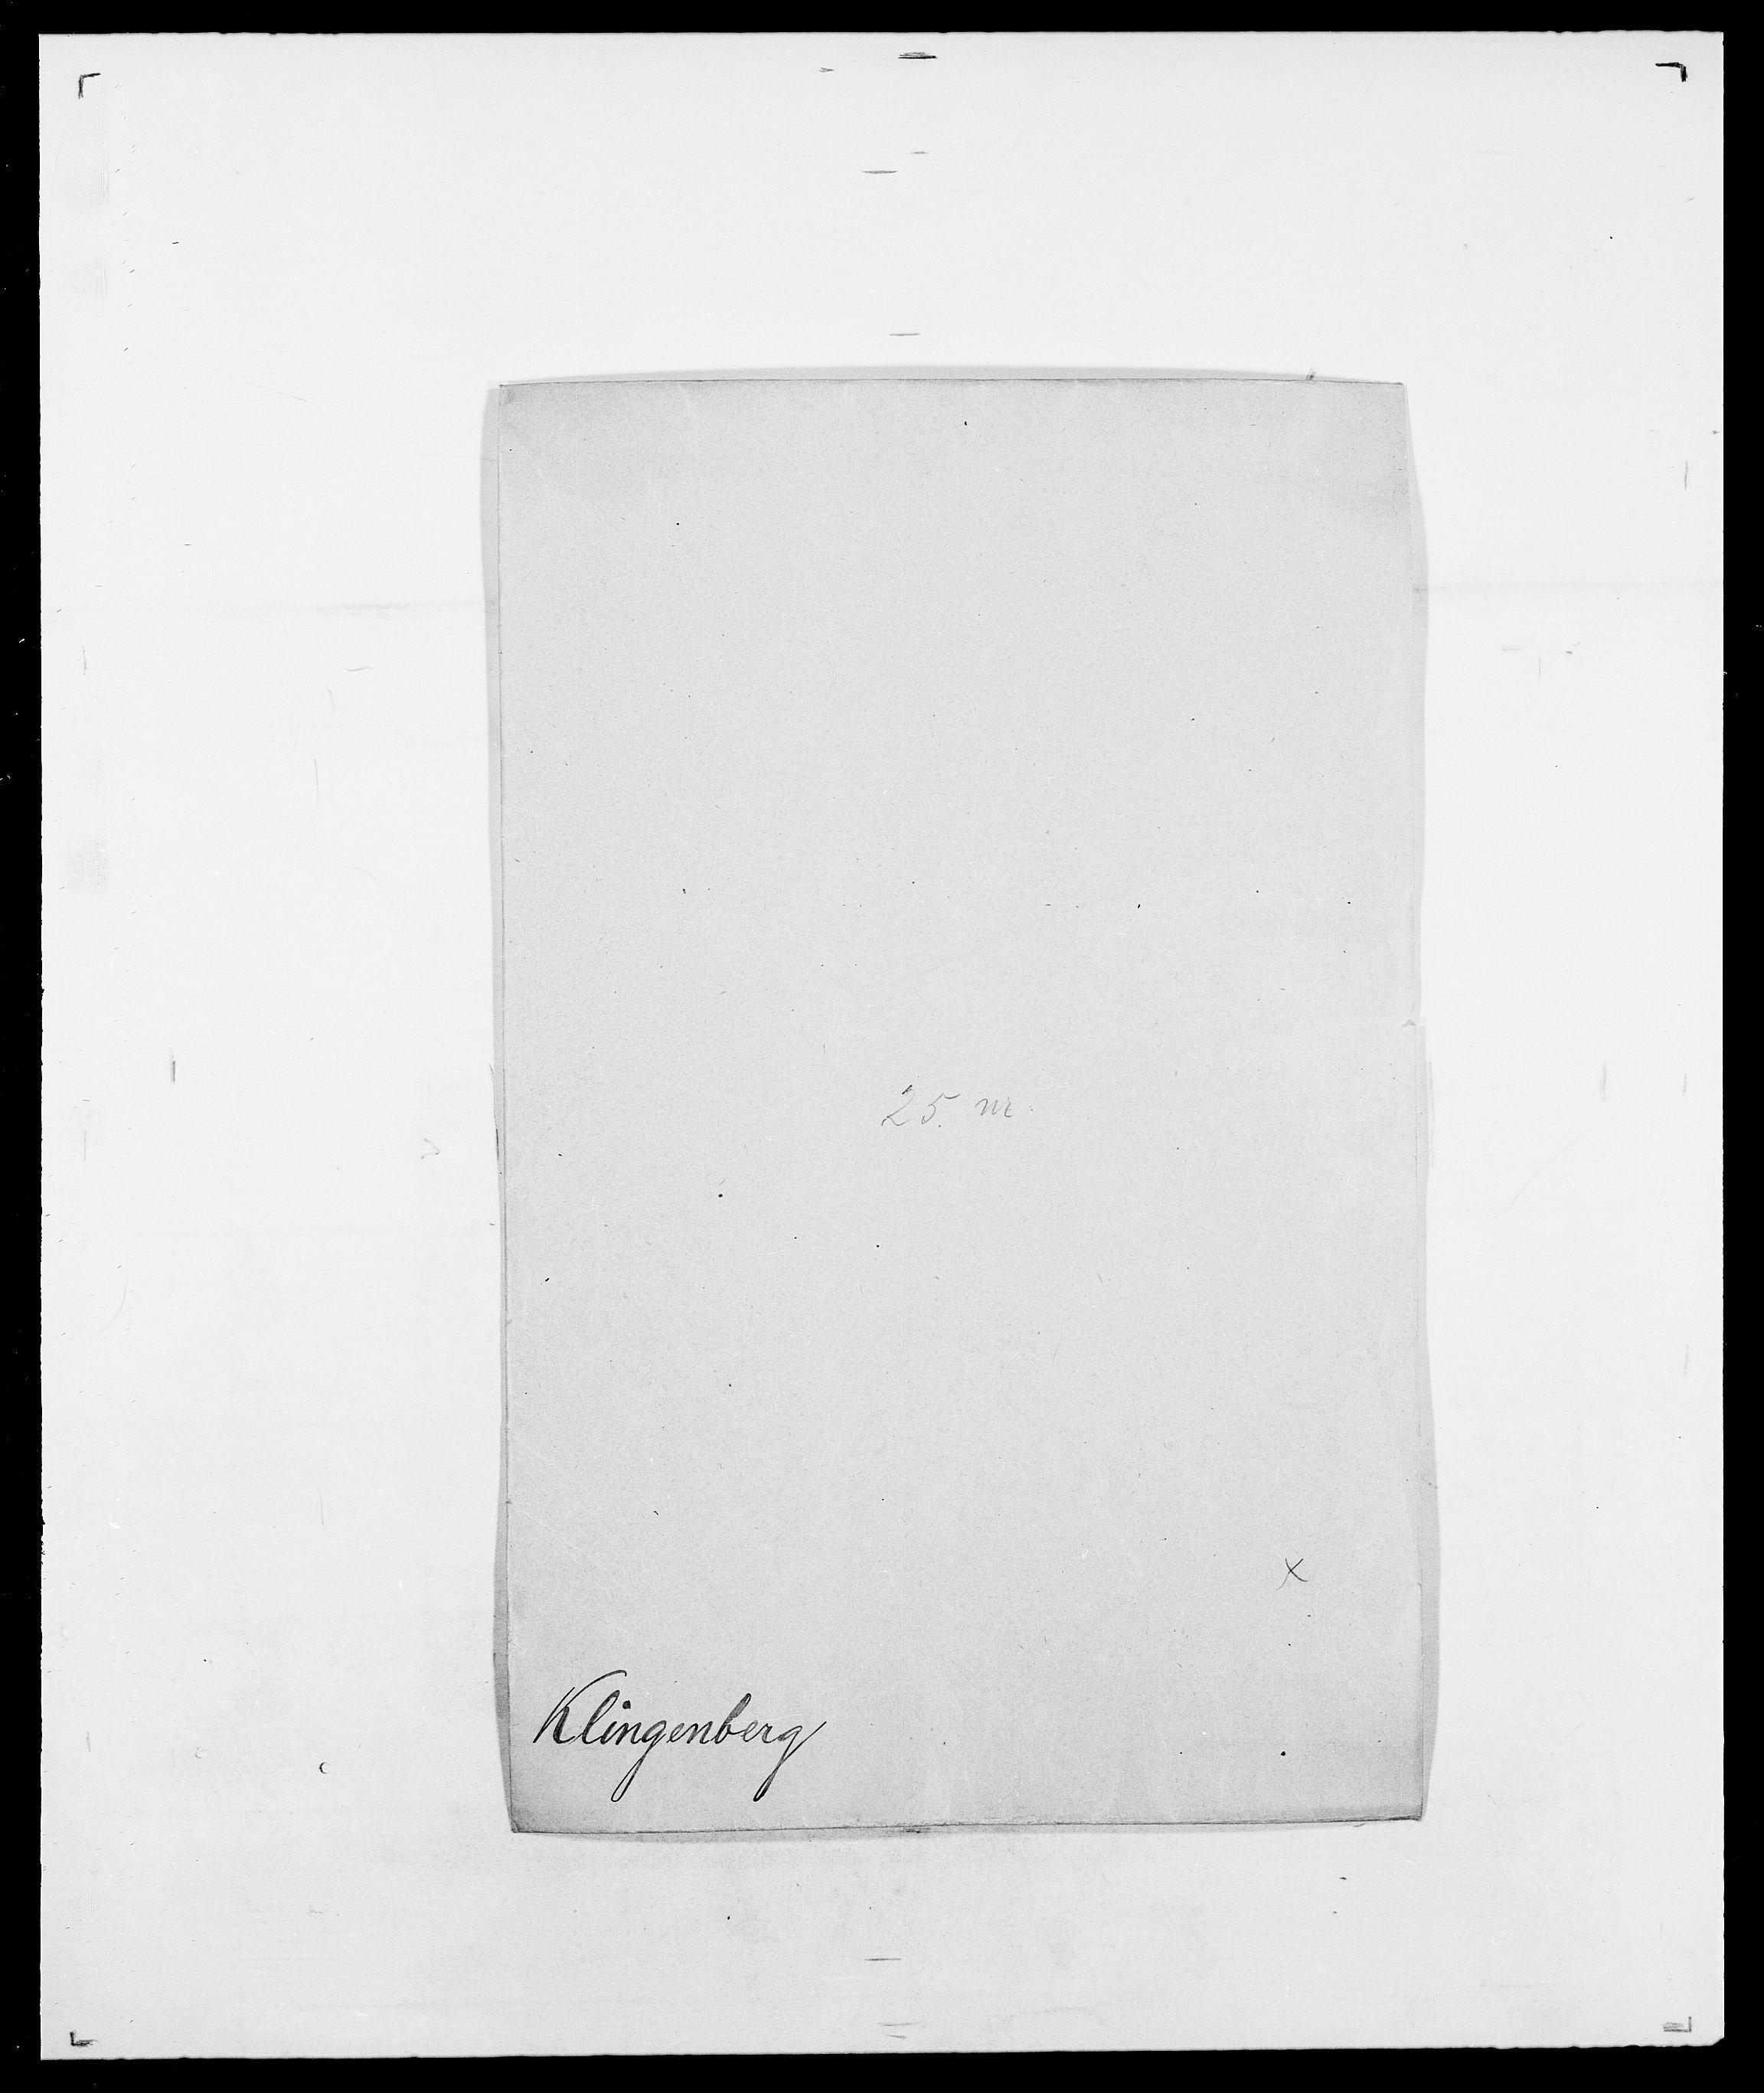 SAO, Delgobe, Charles Antoine - samling, D/Da/L0021: Klagenberg - Kristoft, s. 93